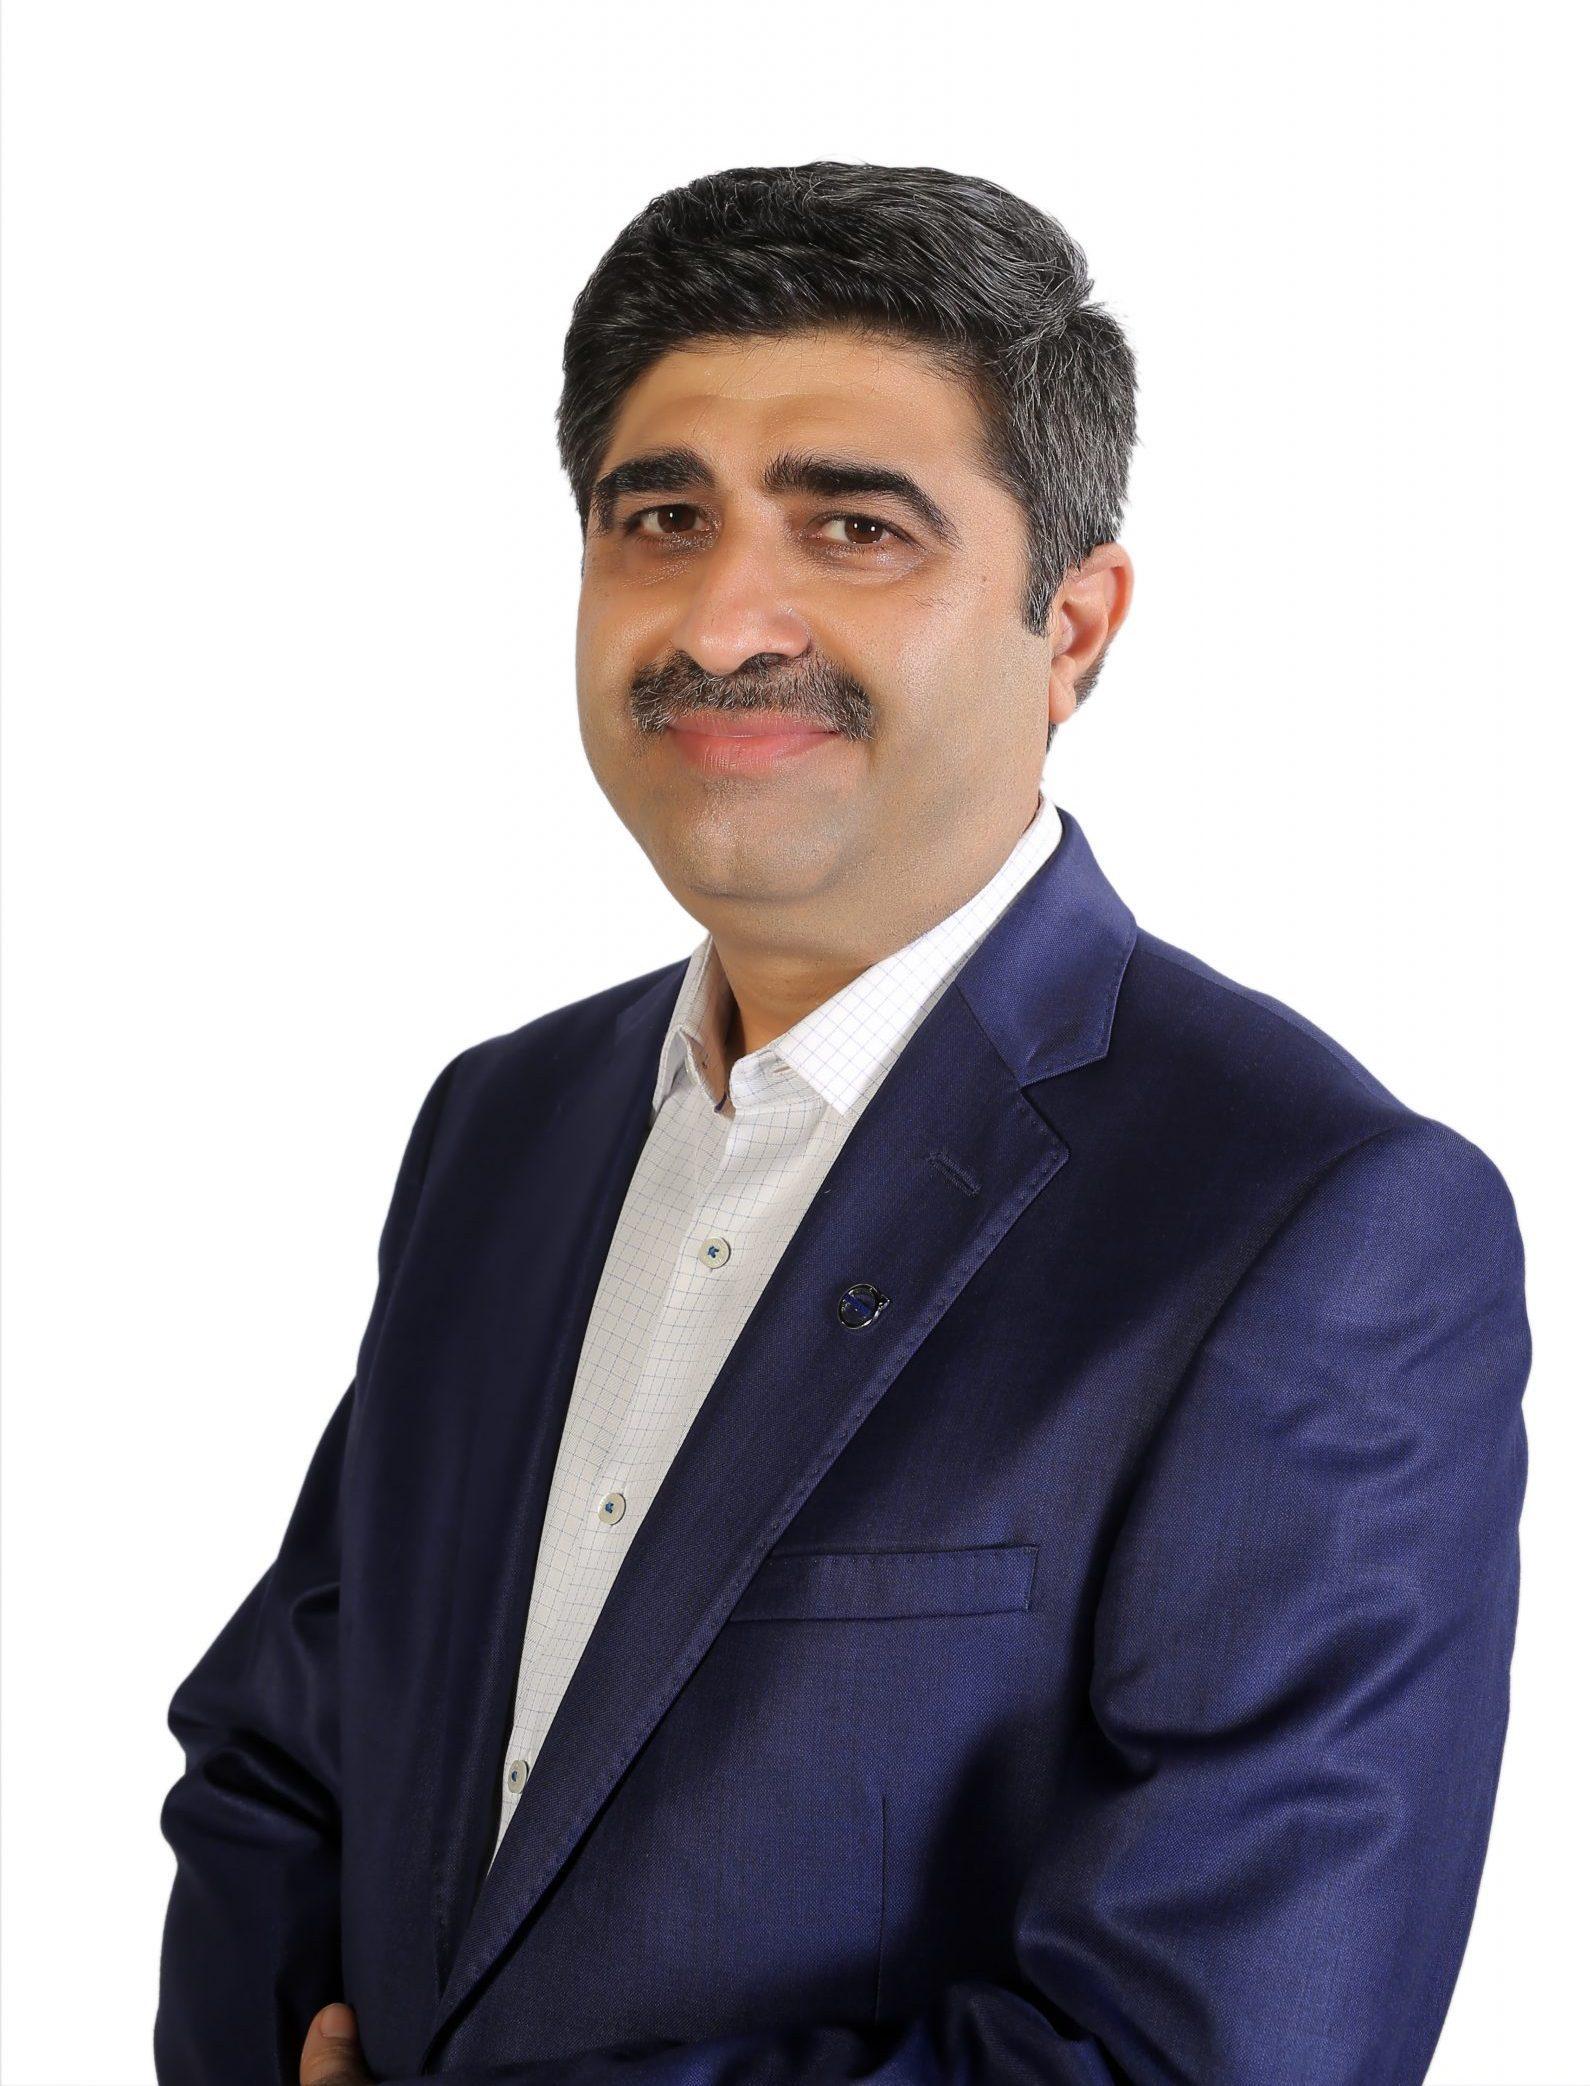 Jyoti Malhotra, Managing Director, Volvo Car India